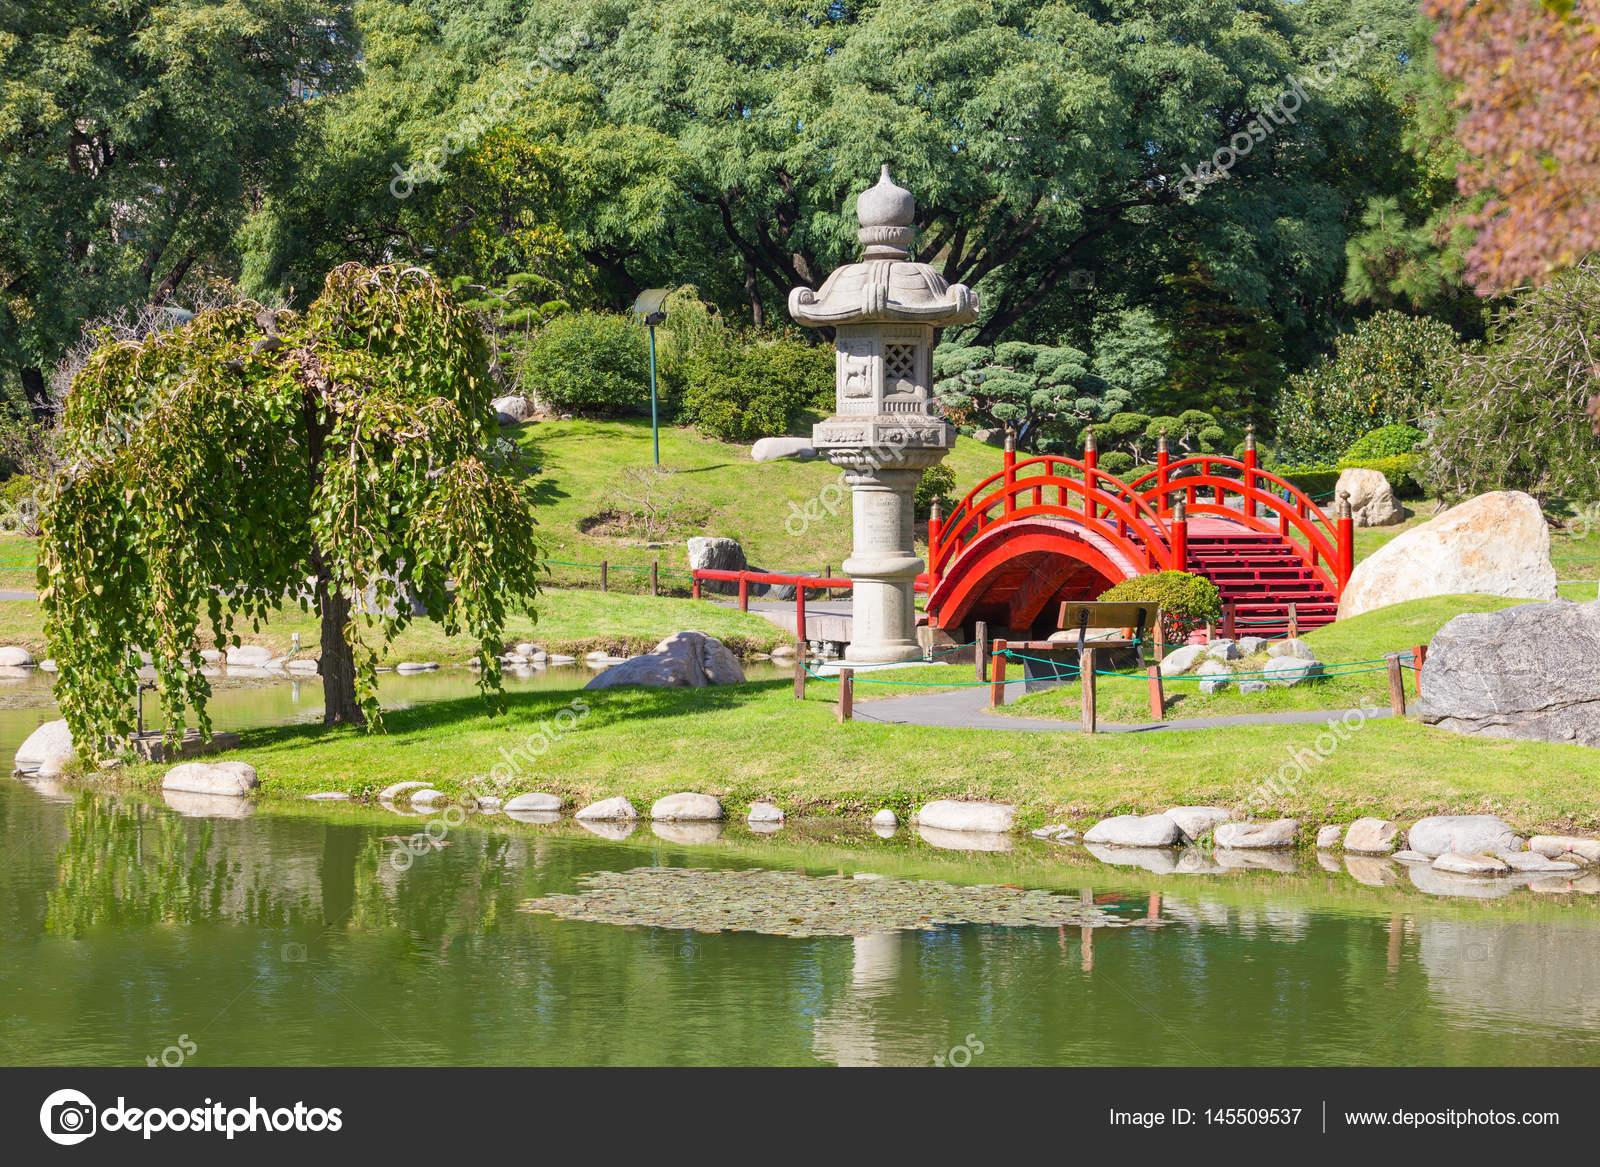 Giardini giapponesi di buenos aires foto stock saiko3p - Giardini giapponesi ...